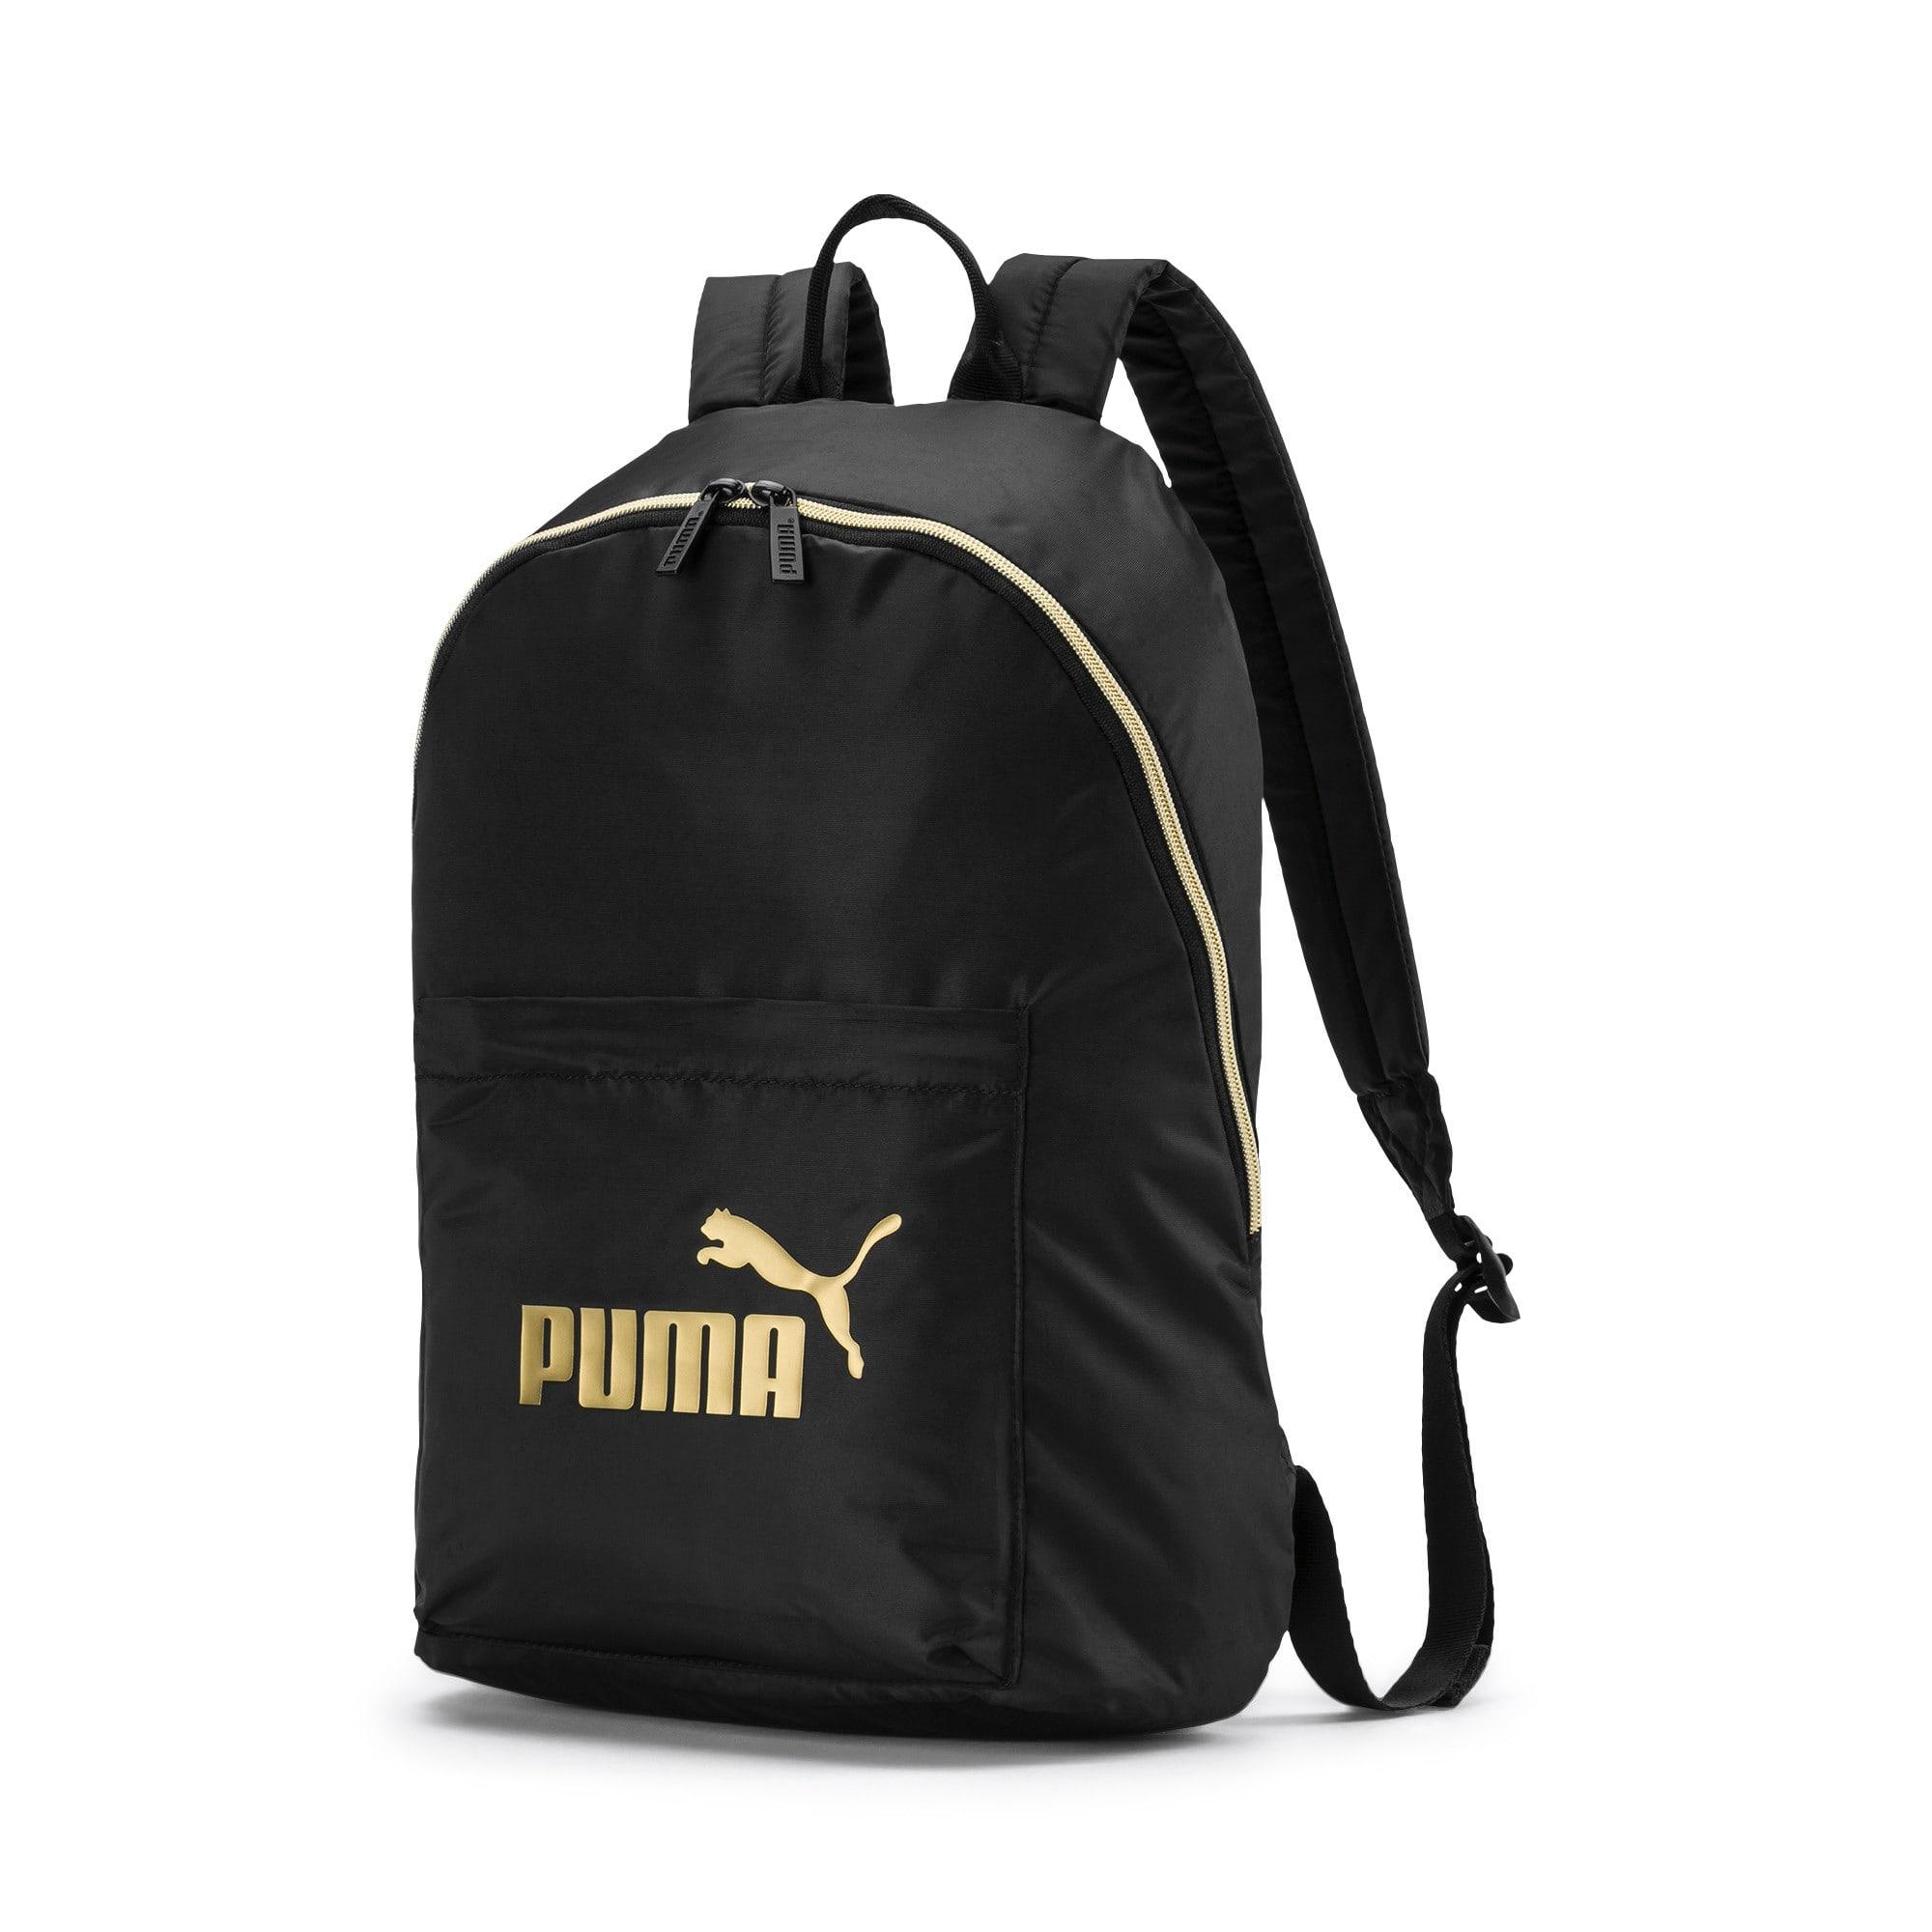 Thumbnail 1 of Core Seasonal Backpack, Puma Black-Gold, medium